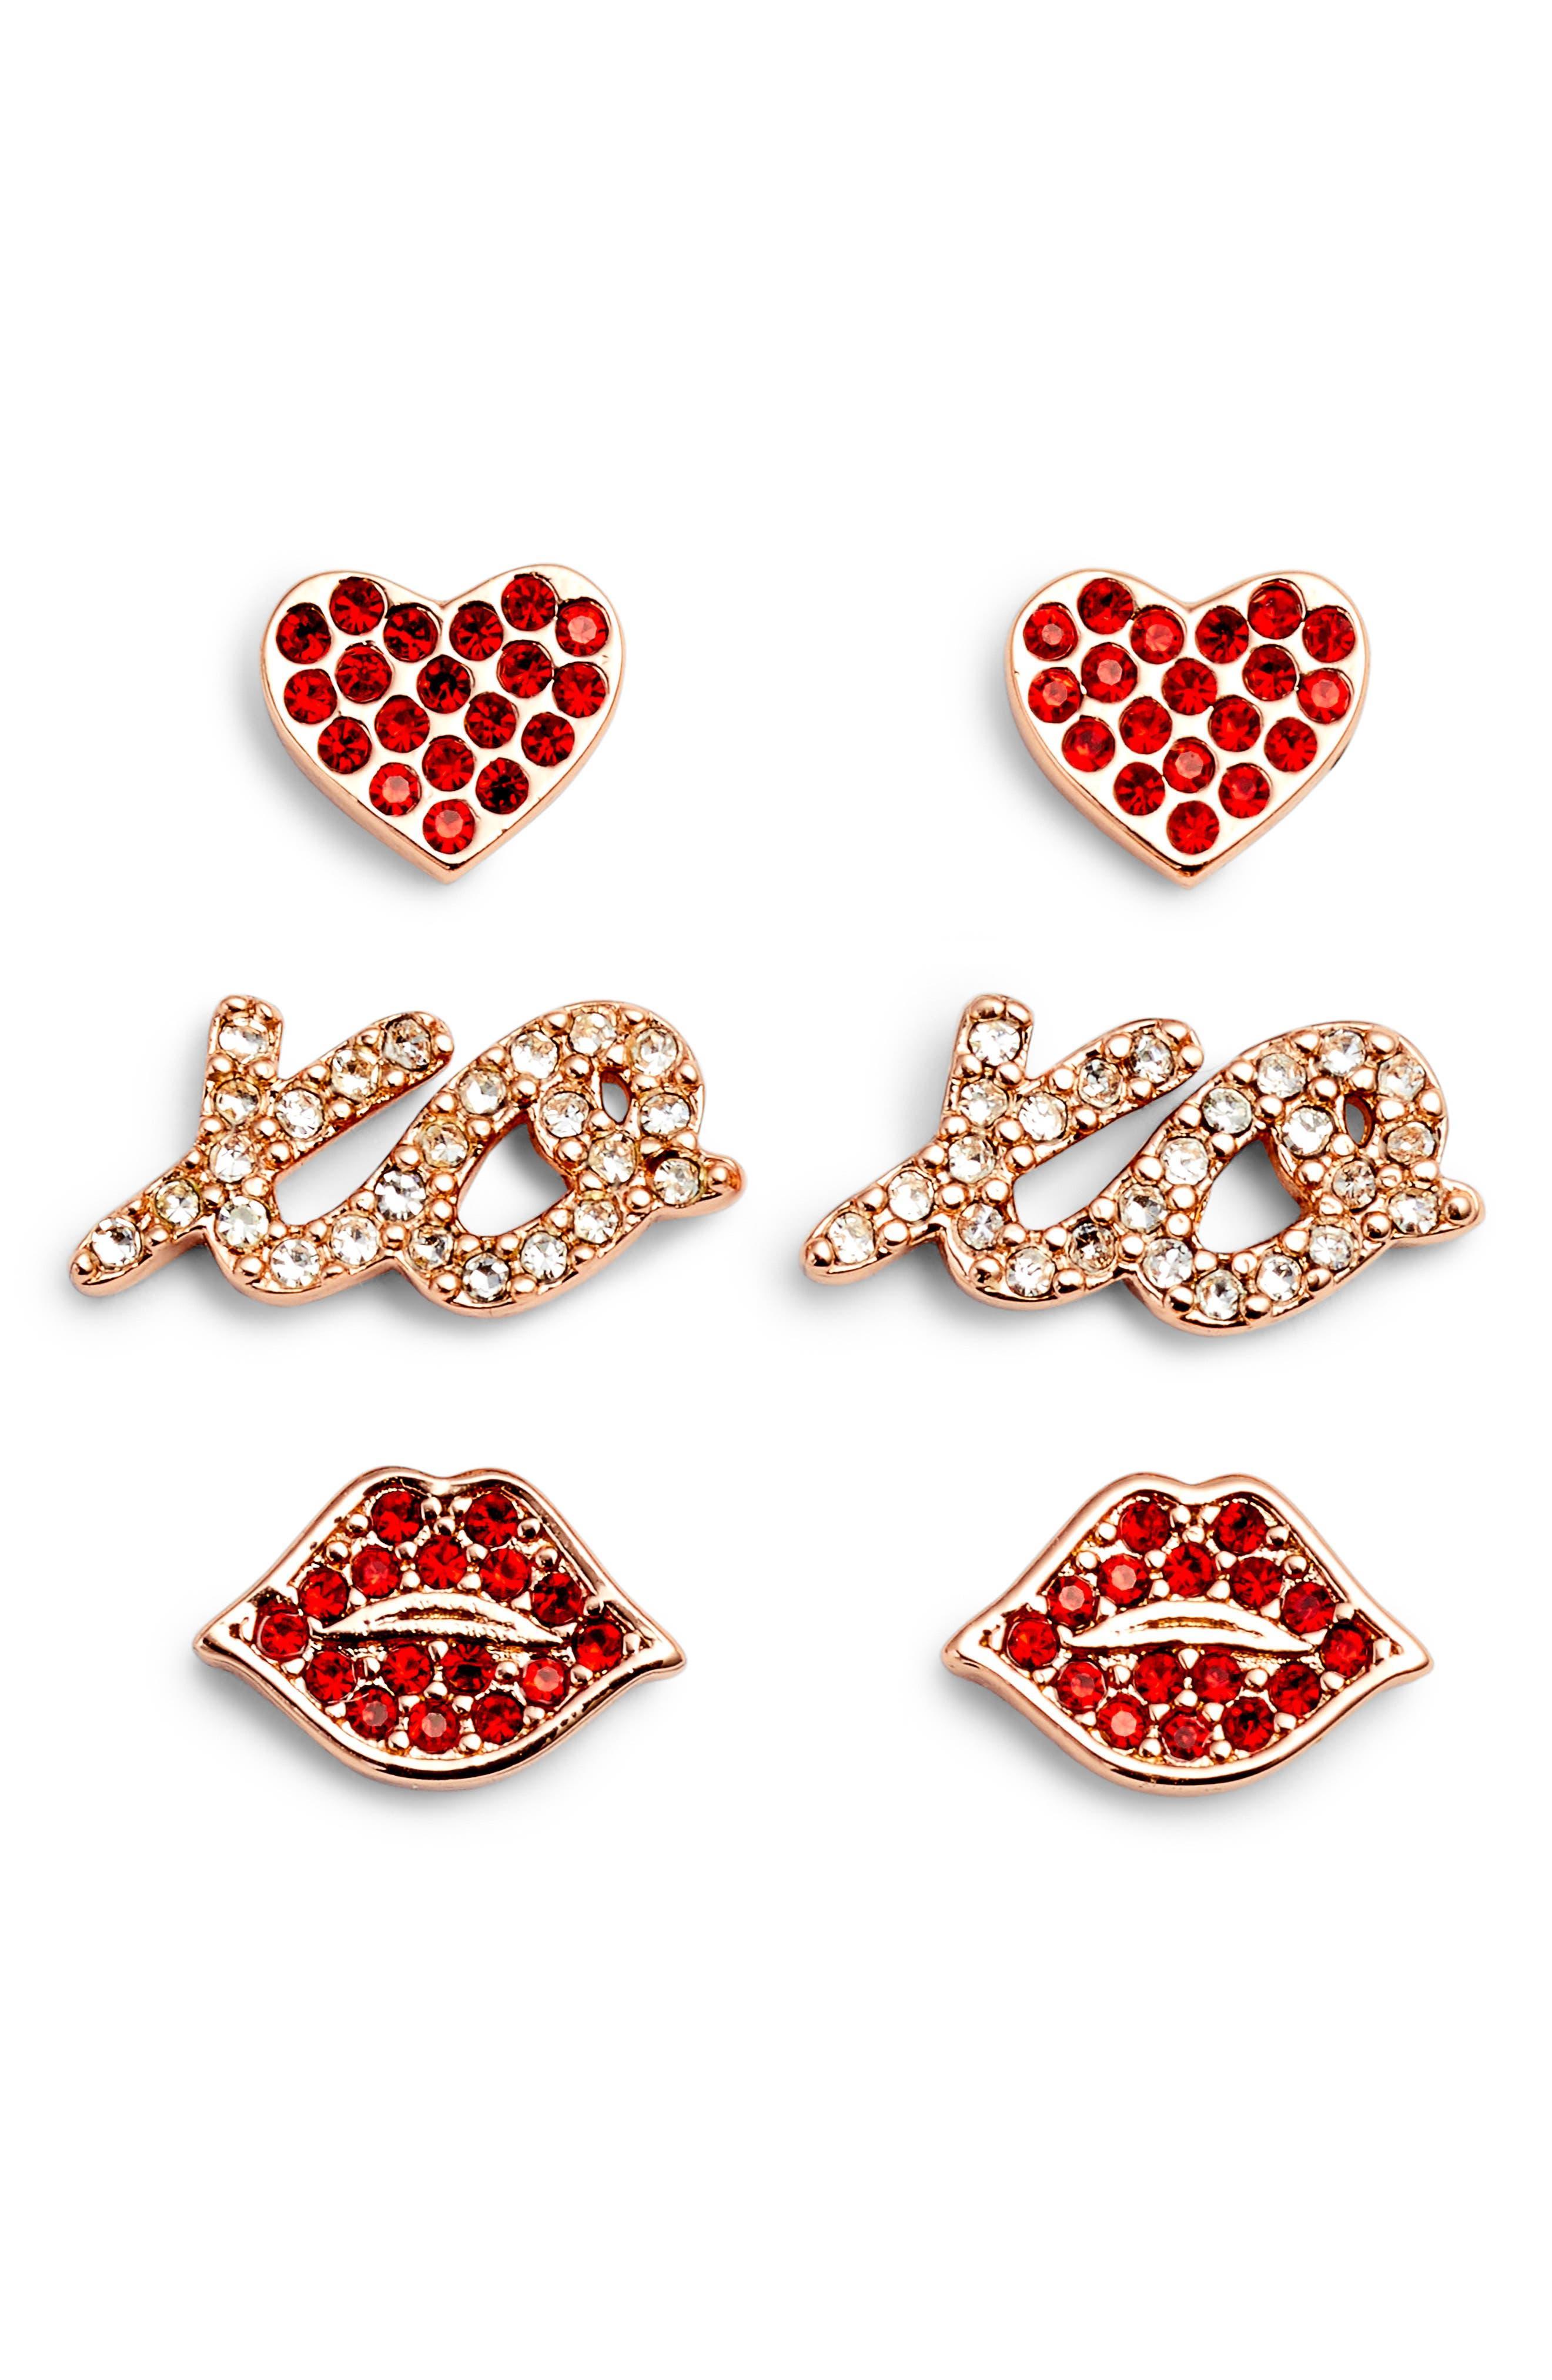 kate spade new york things we love set of 3 stud earrings